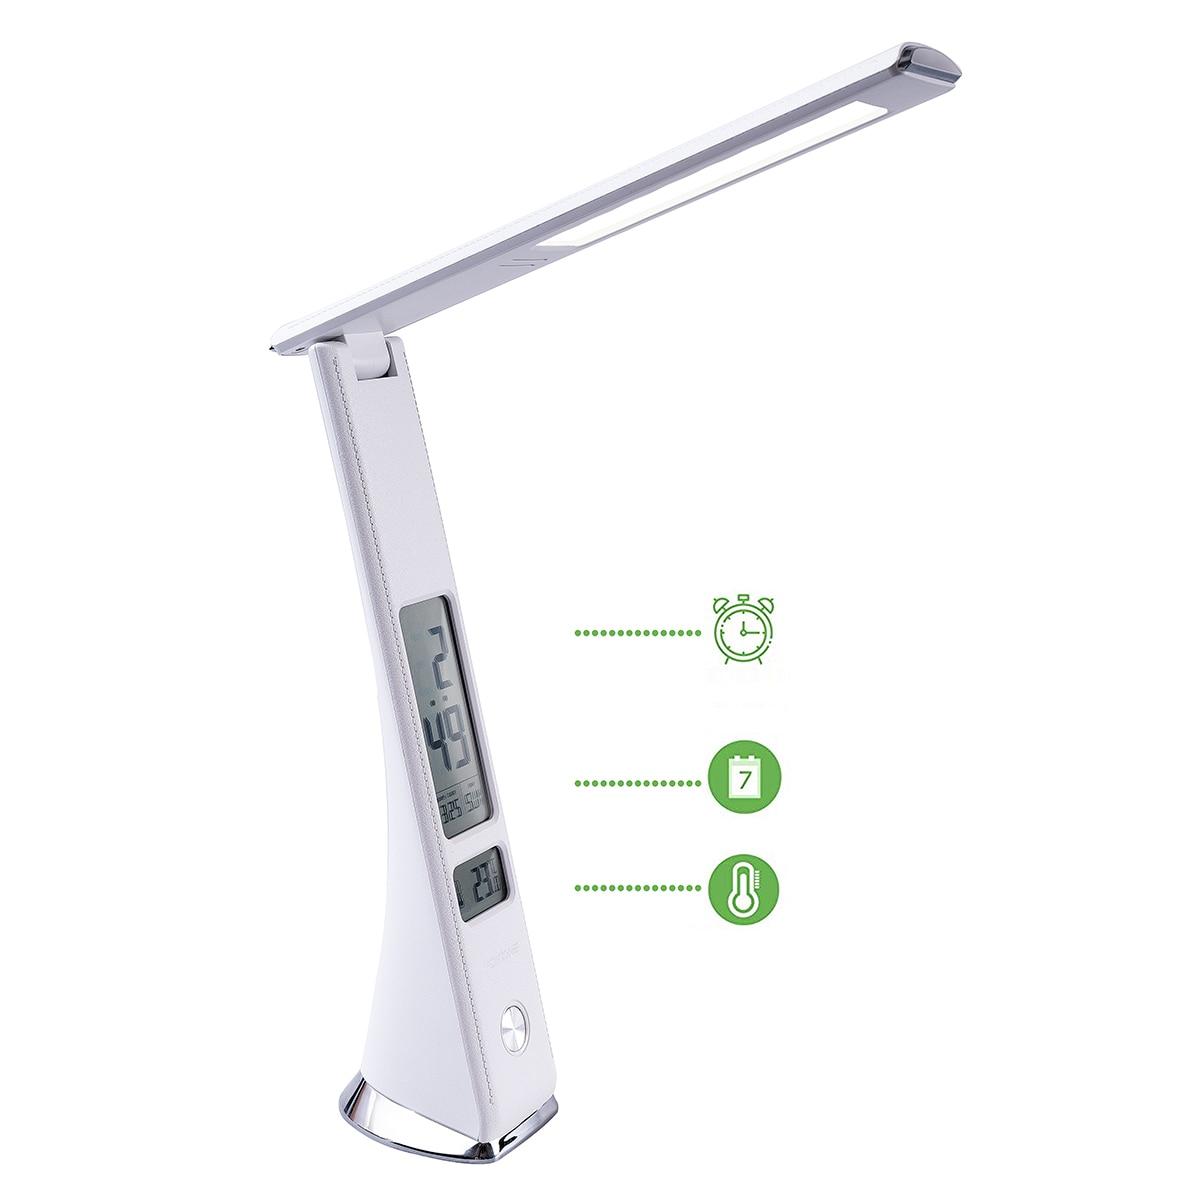 LED lampe de bureau pliable réglable tactile